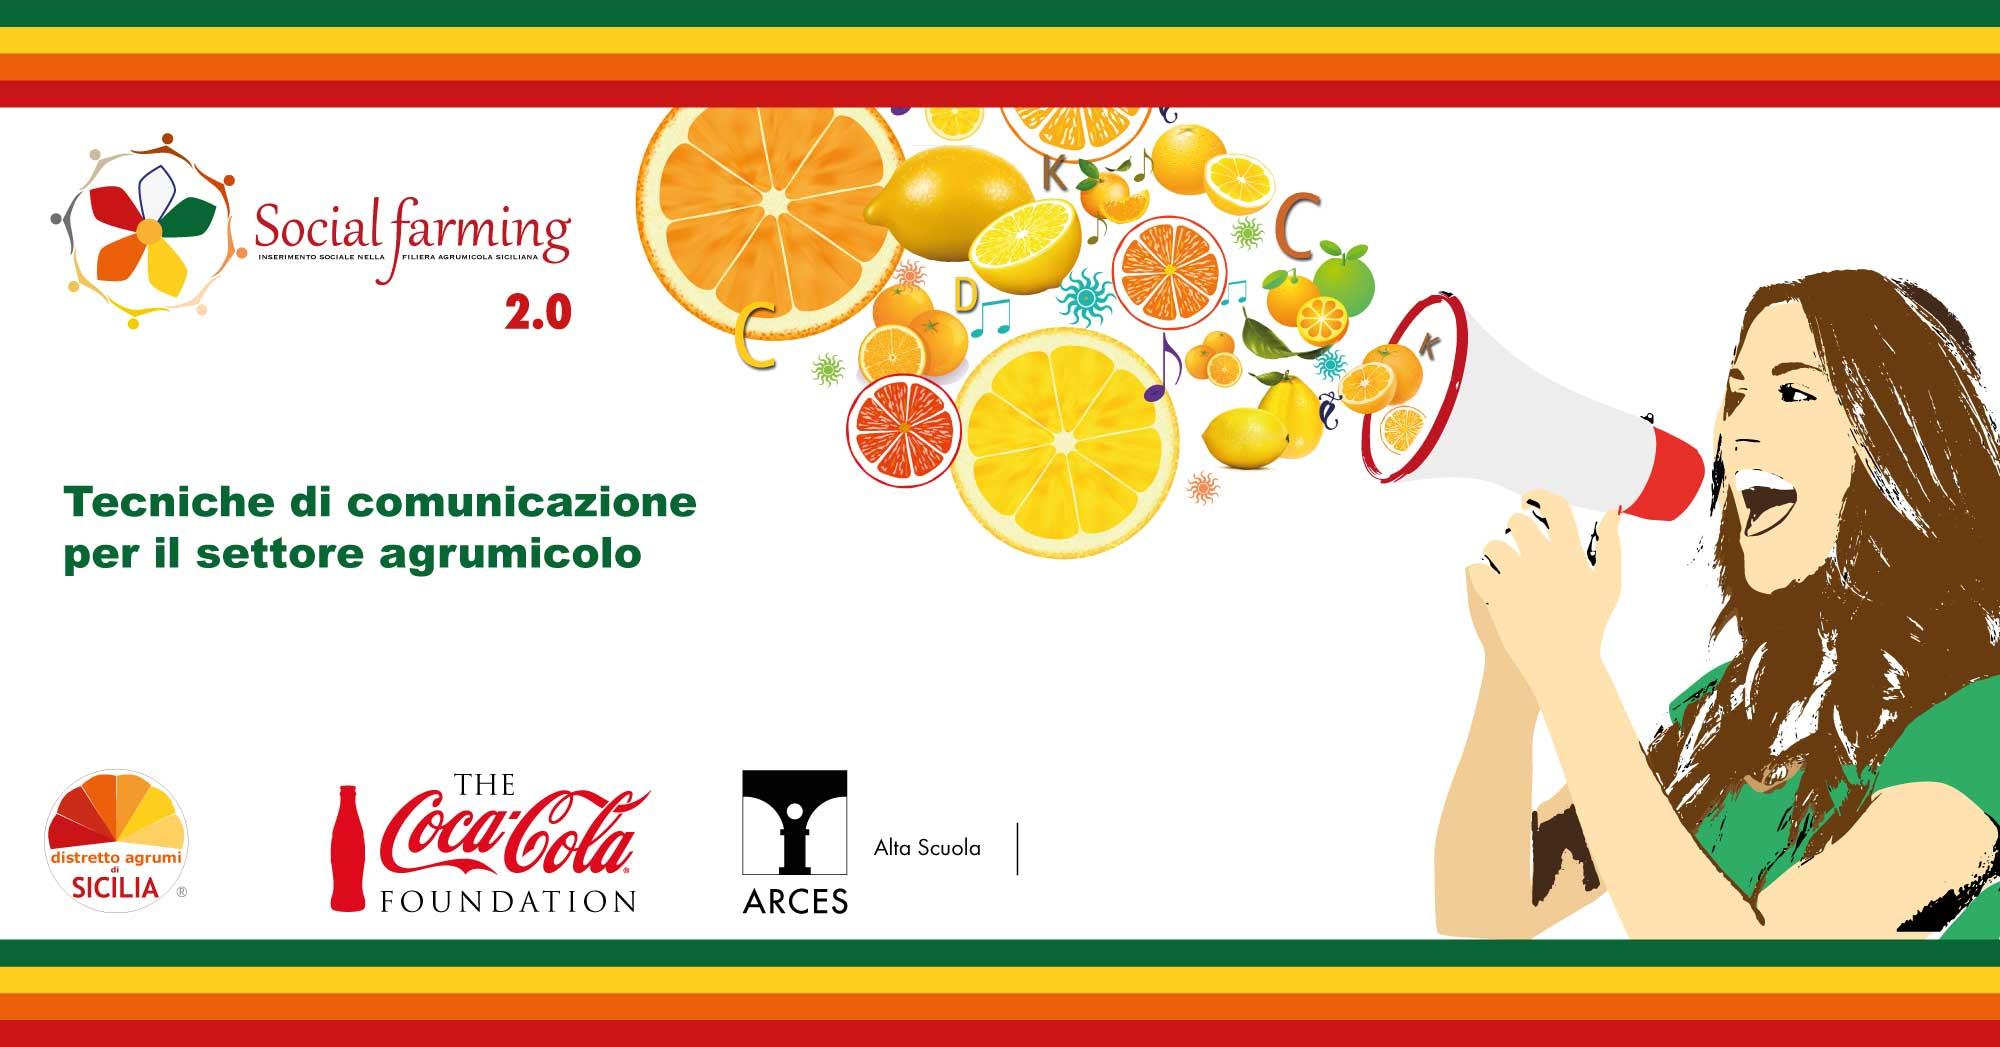 Tecniche di comunicazione nel settore agrumicolo - Corso a Catania SICILIA